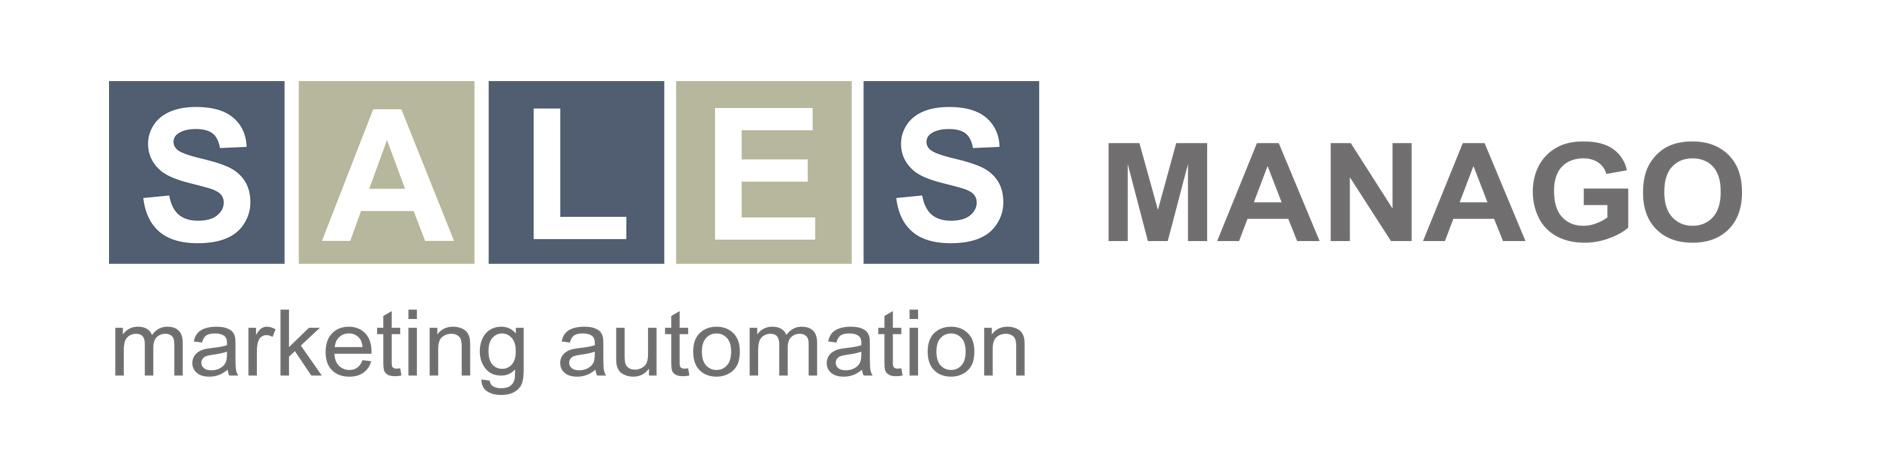 Image result for salesmanago logo